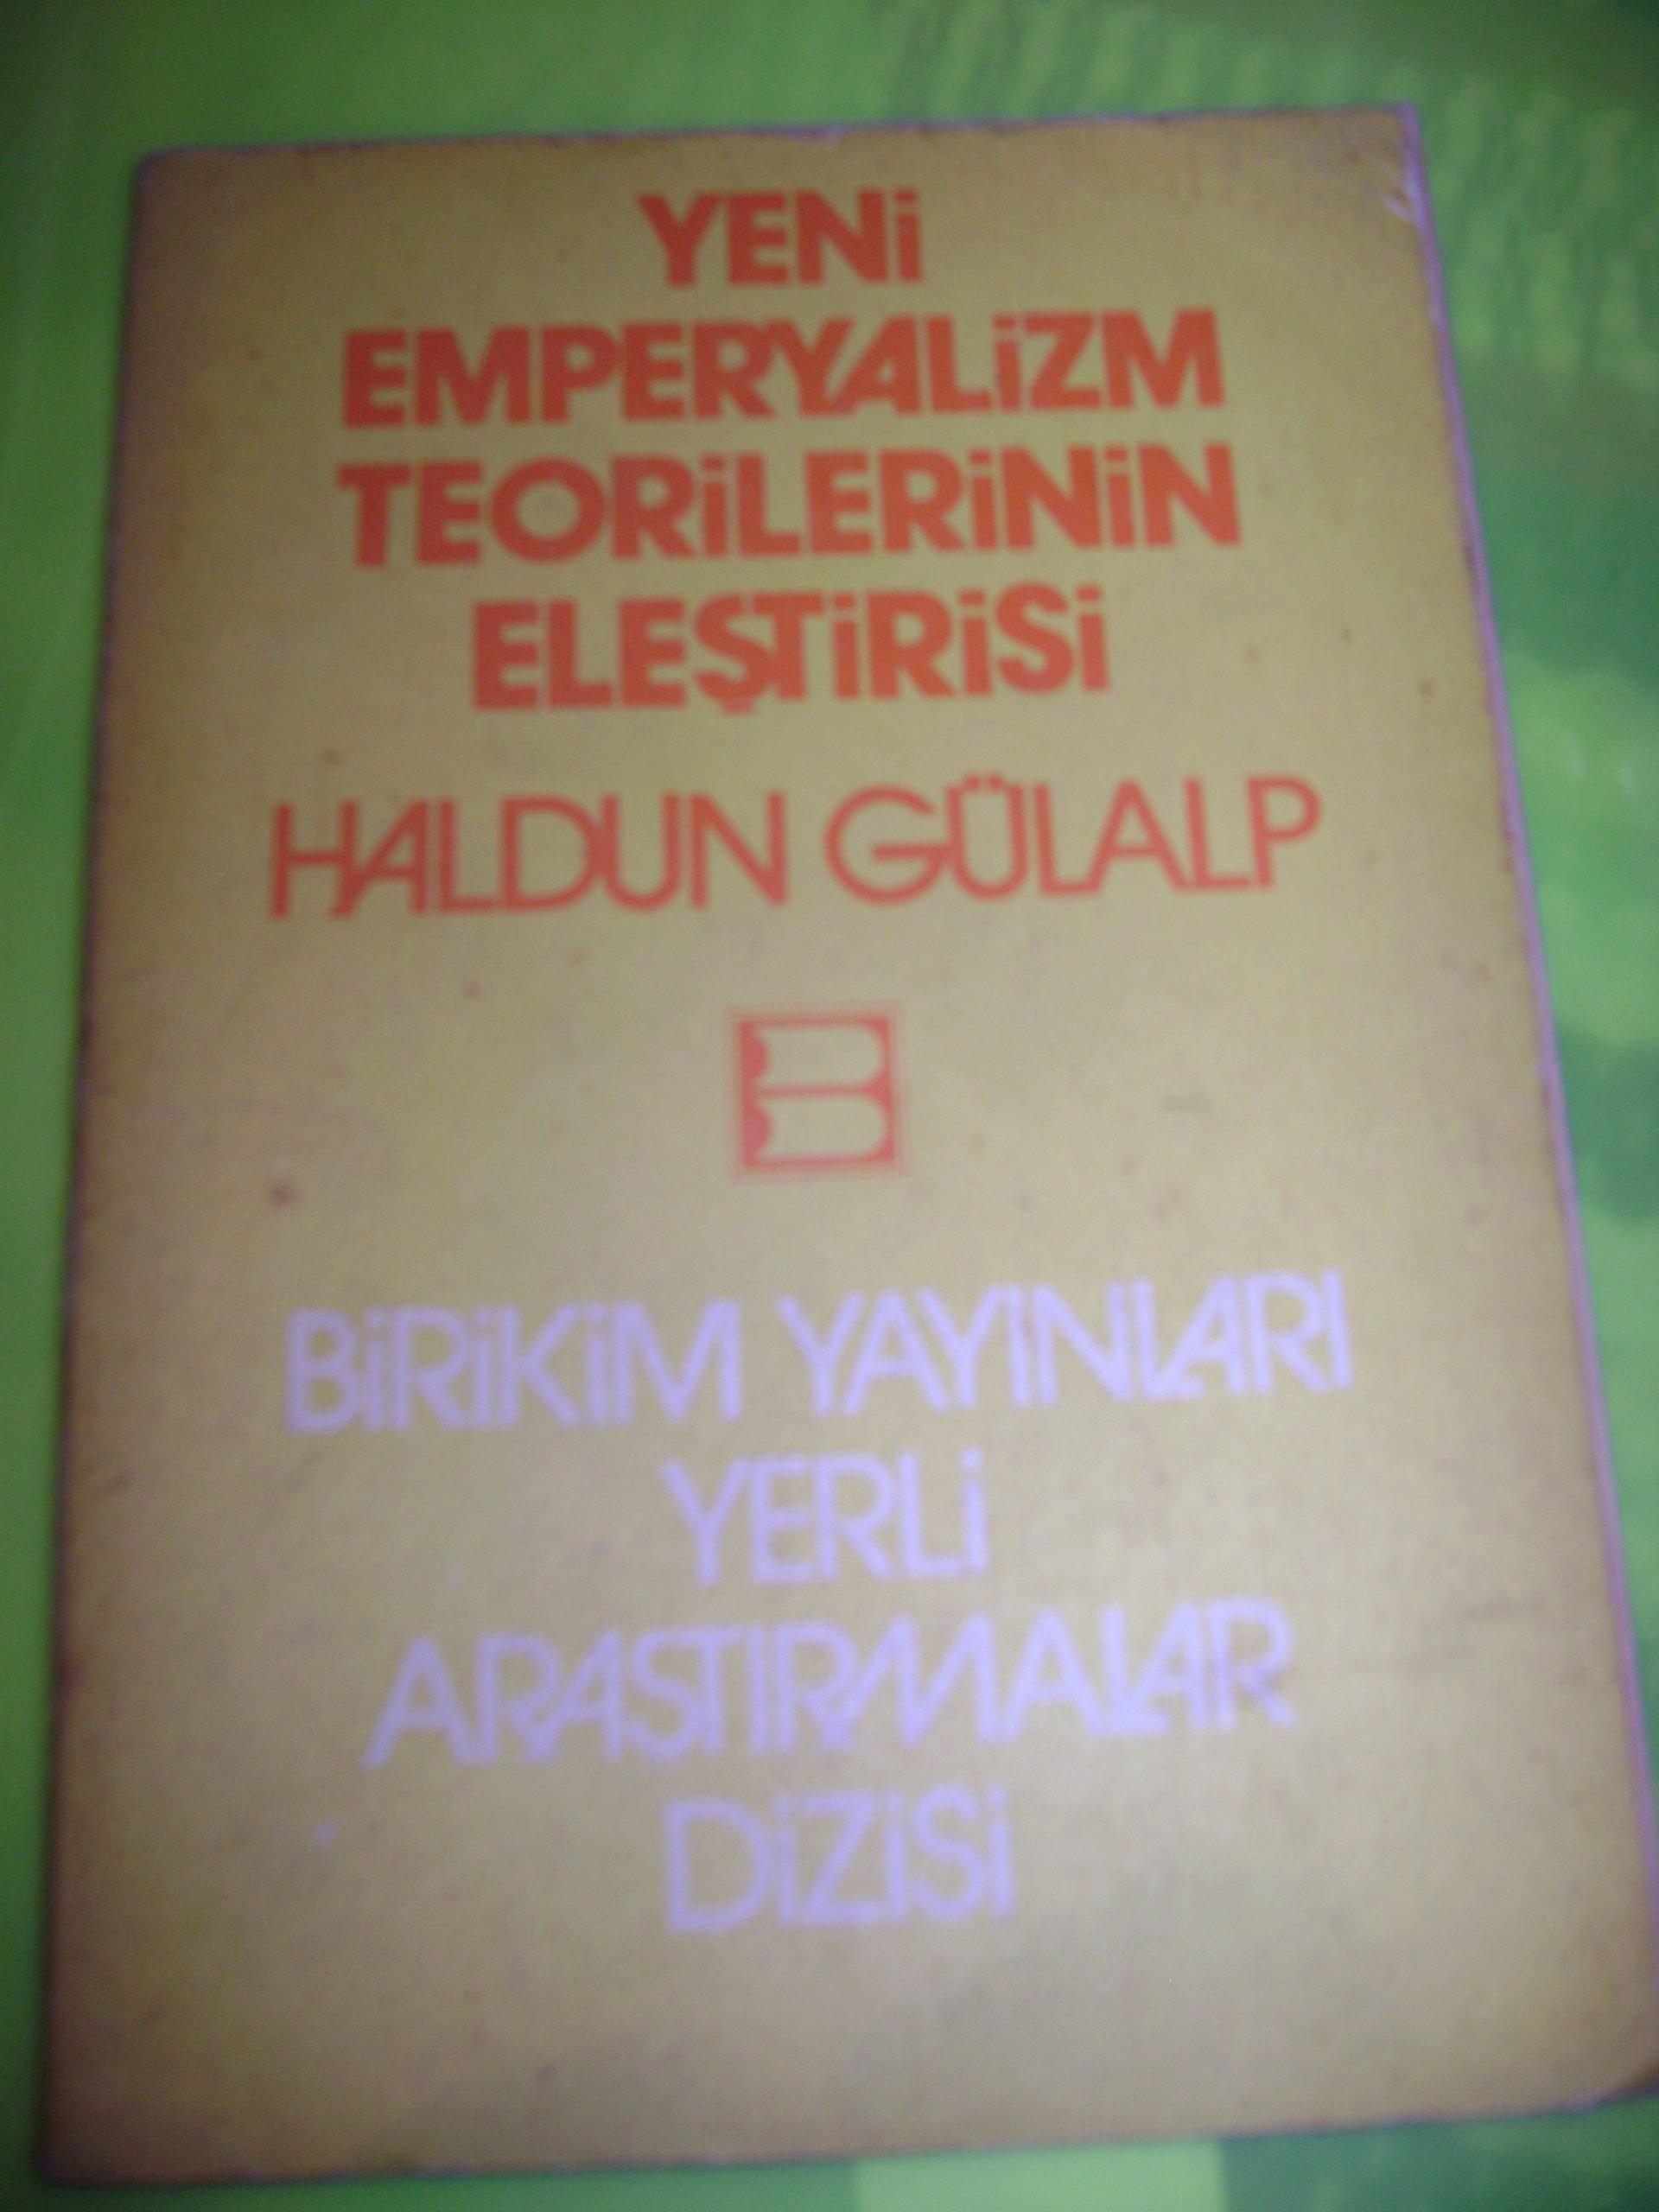 YENİ EMPERYALİZM TEORİLERİNİN ELEŞTİRİSİ/Haldun Gülalp/15 tl